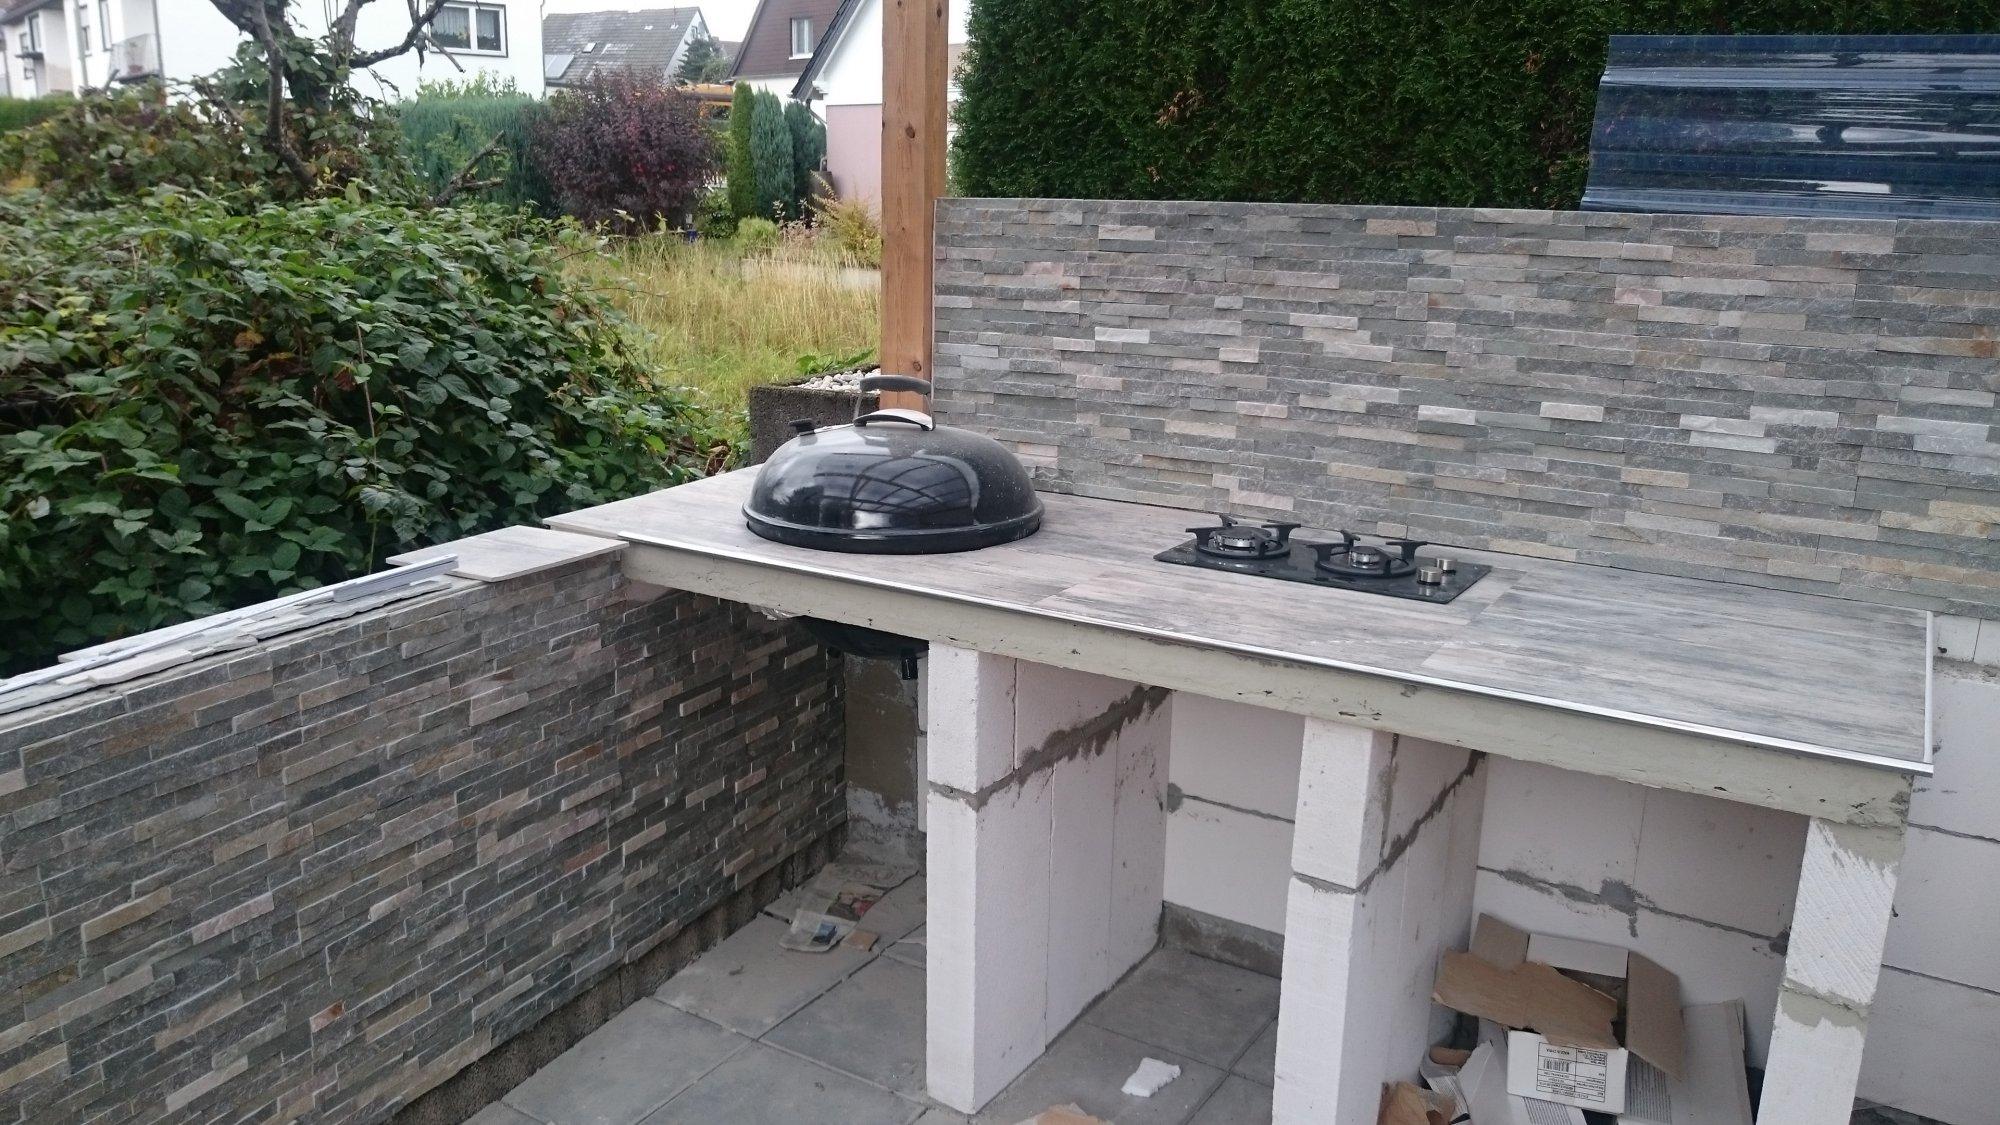 Outdoor Küche Grillsportverein : Meine kleine outdoorküche 2016seite 2 grillforum und bbq www